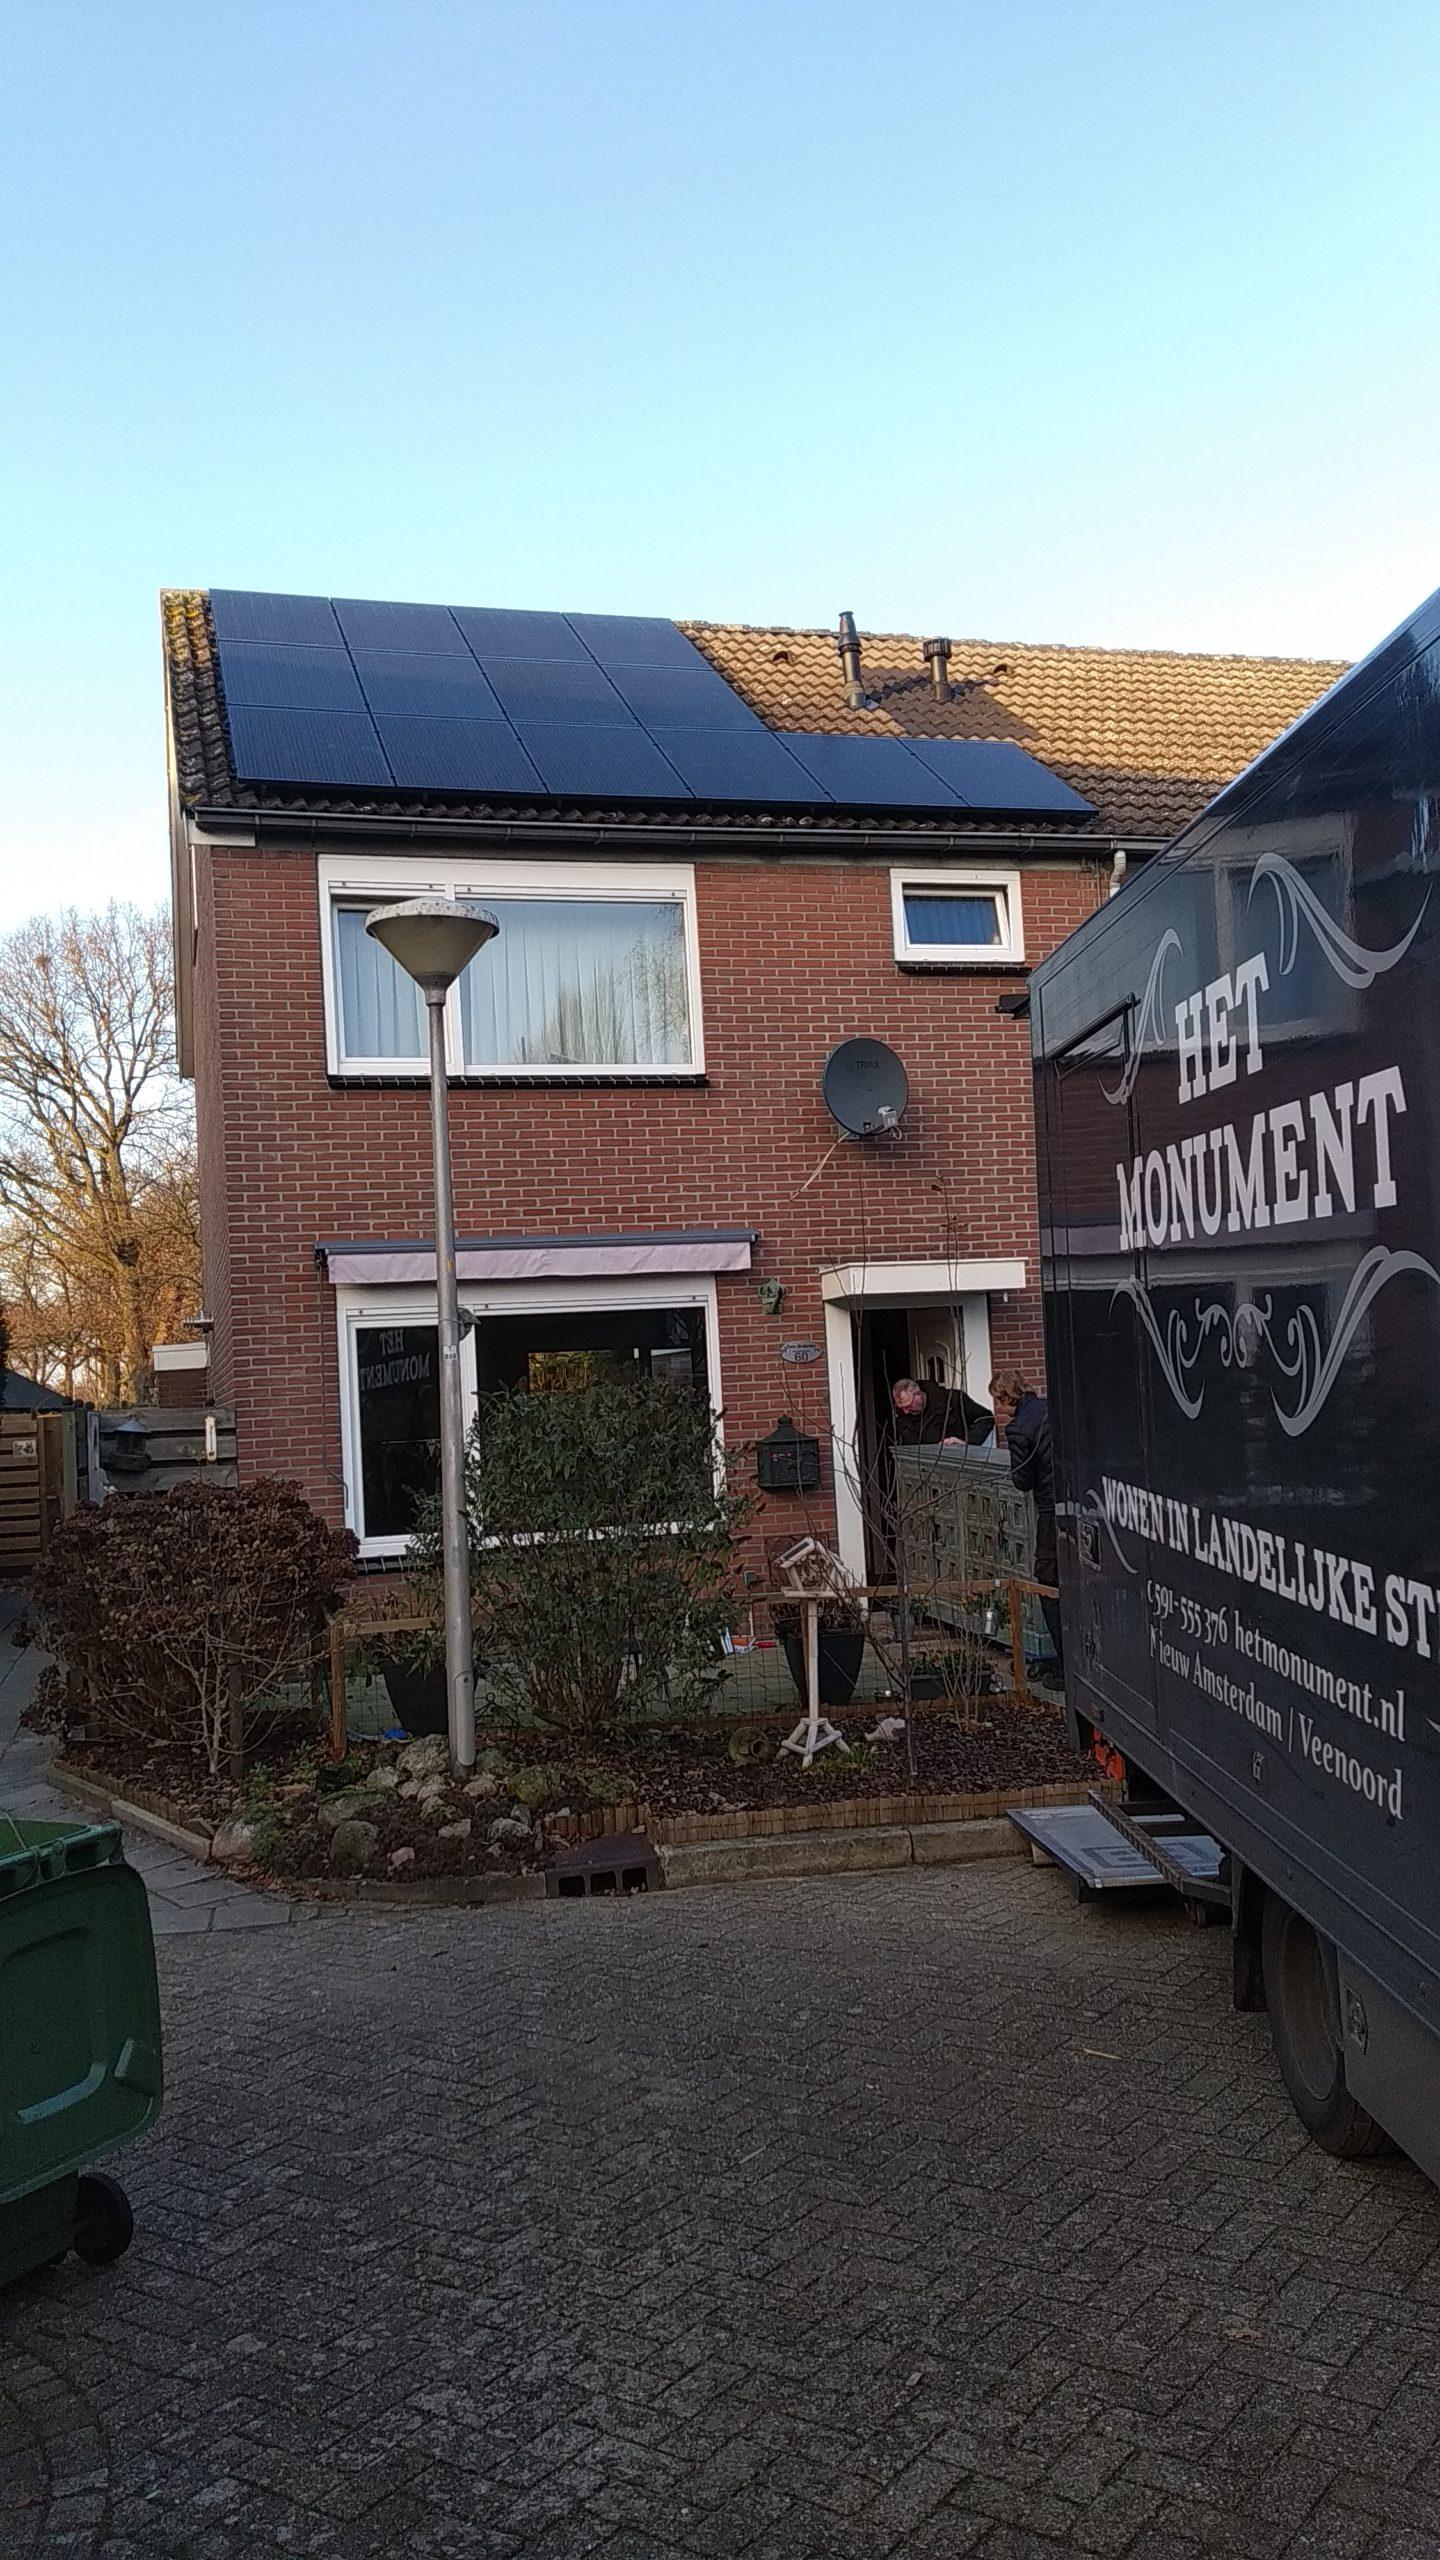 Solarwatt glas glas zonnepanelen Nijverdal